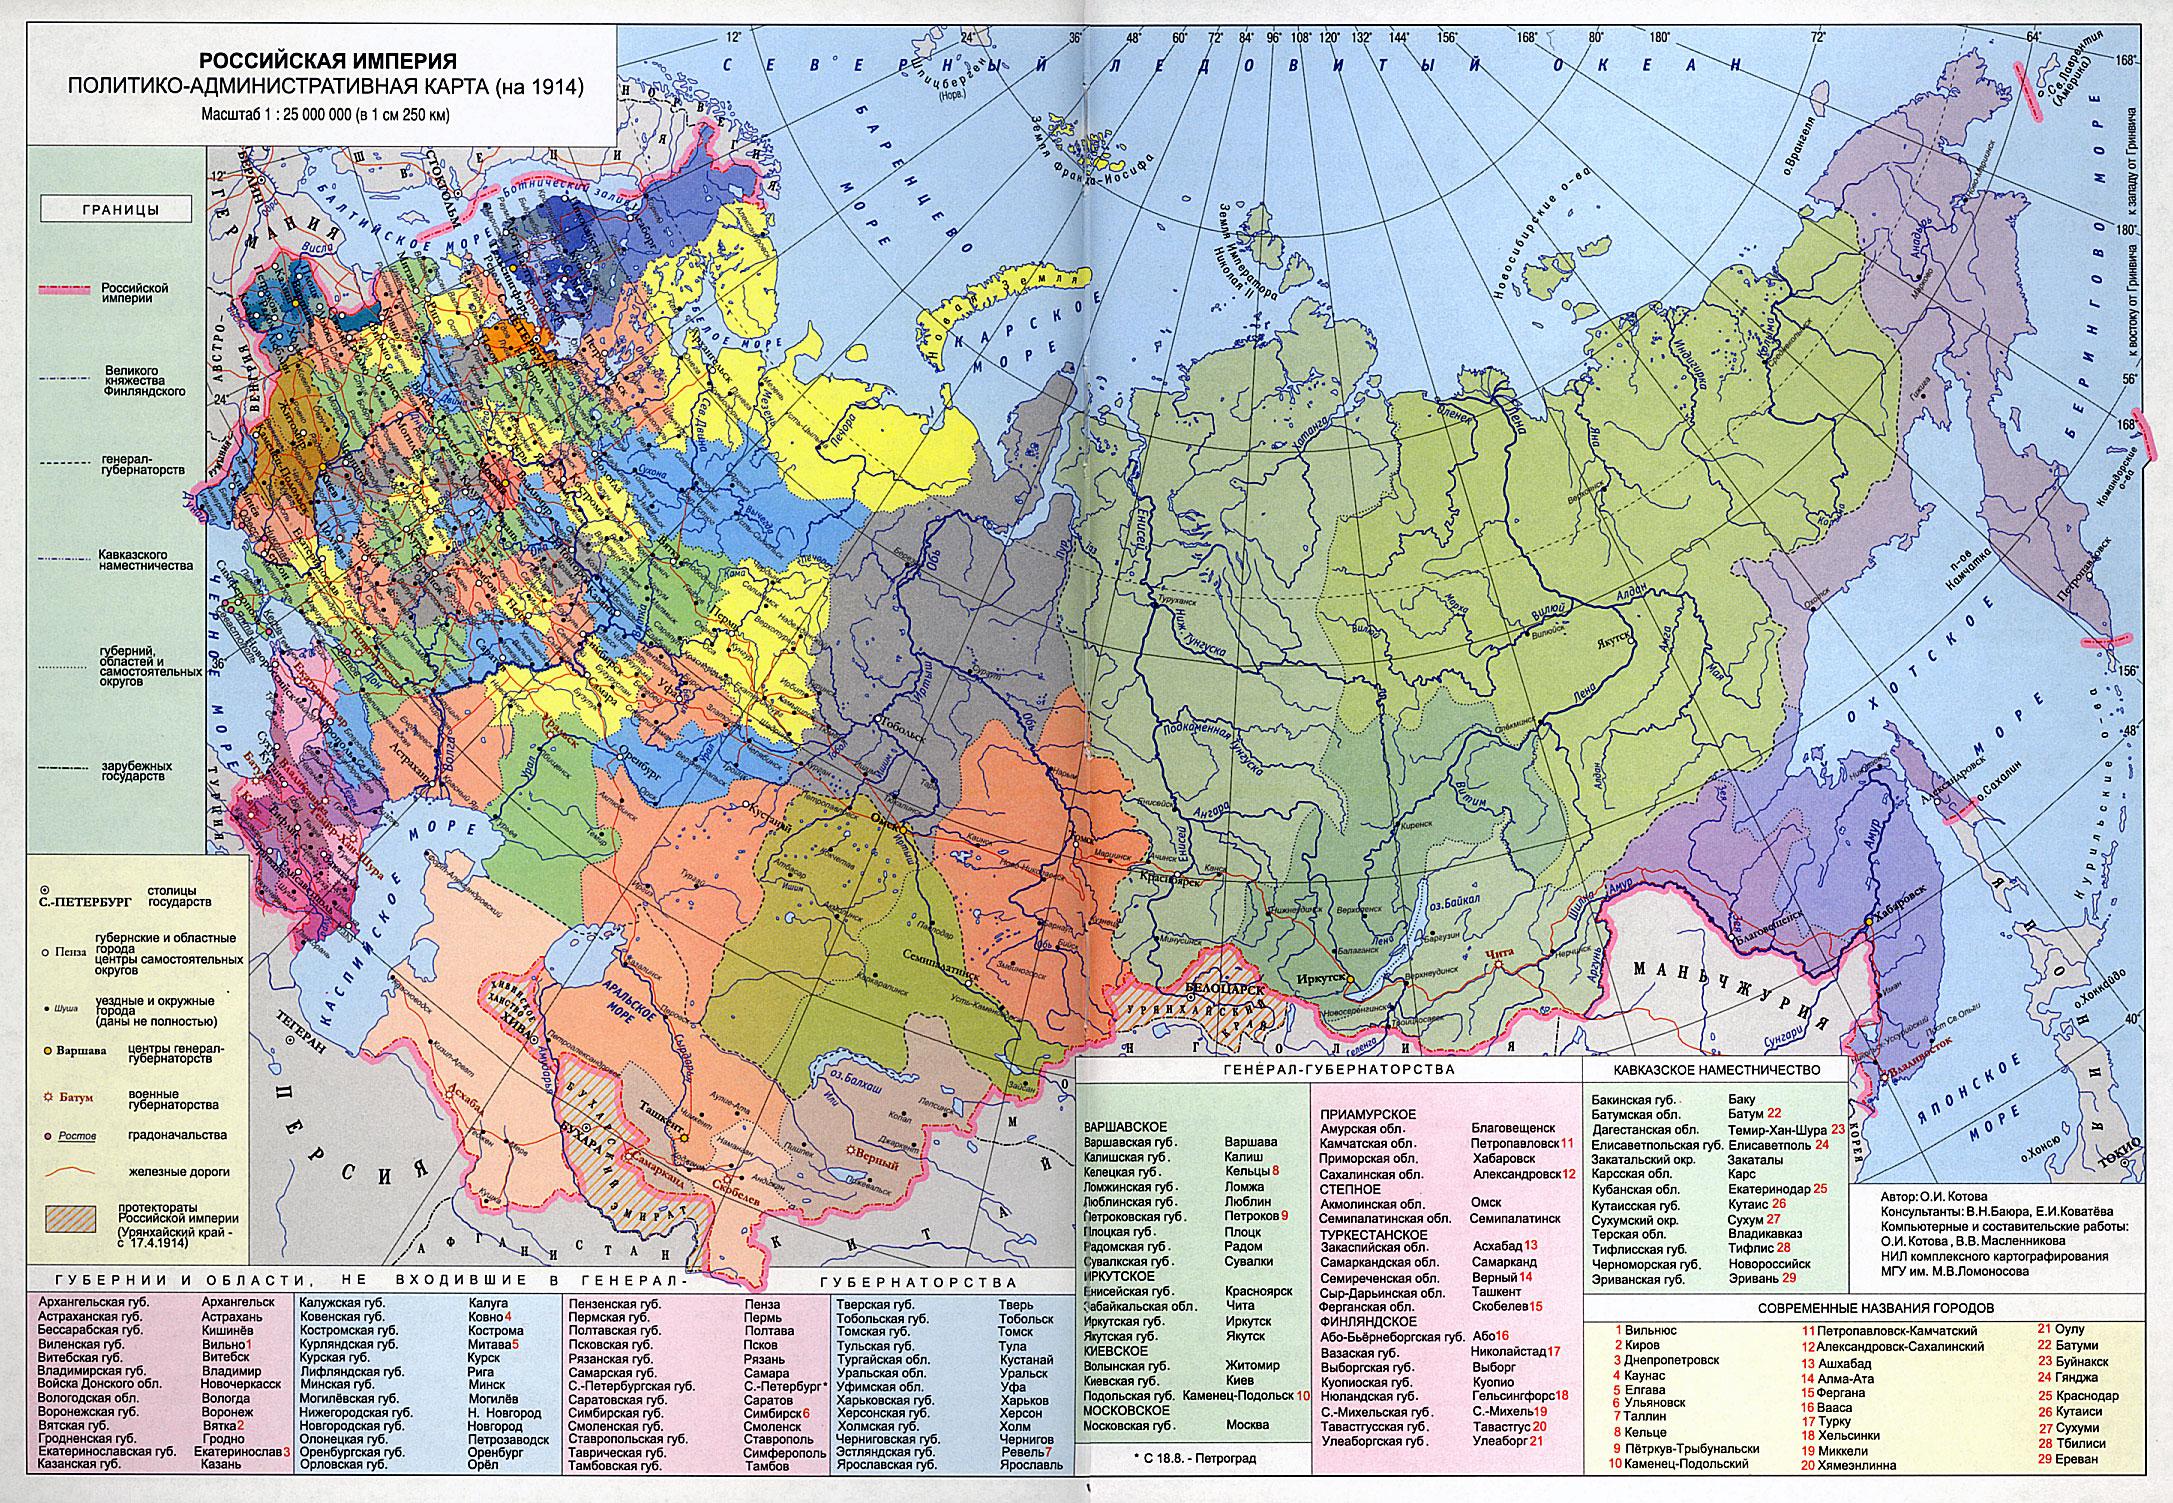 Чем грозит ненавистникам России появление статьи 67.1 в Конституции РФ?